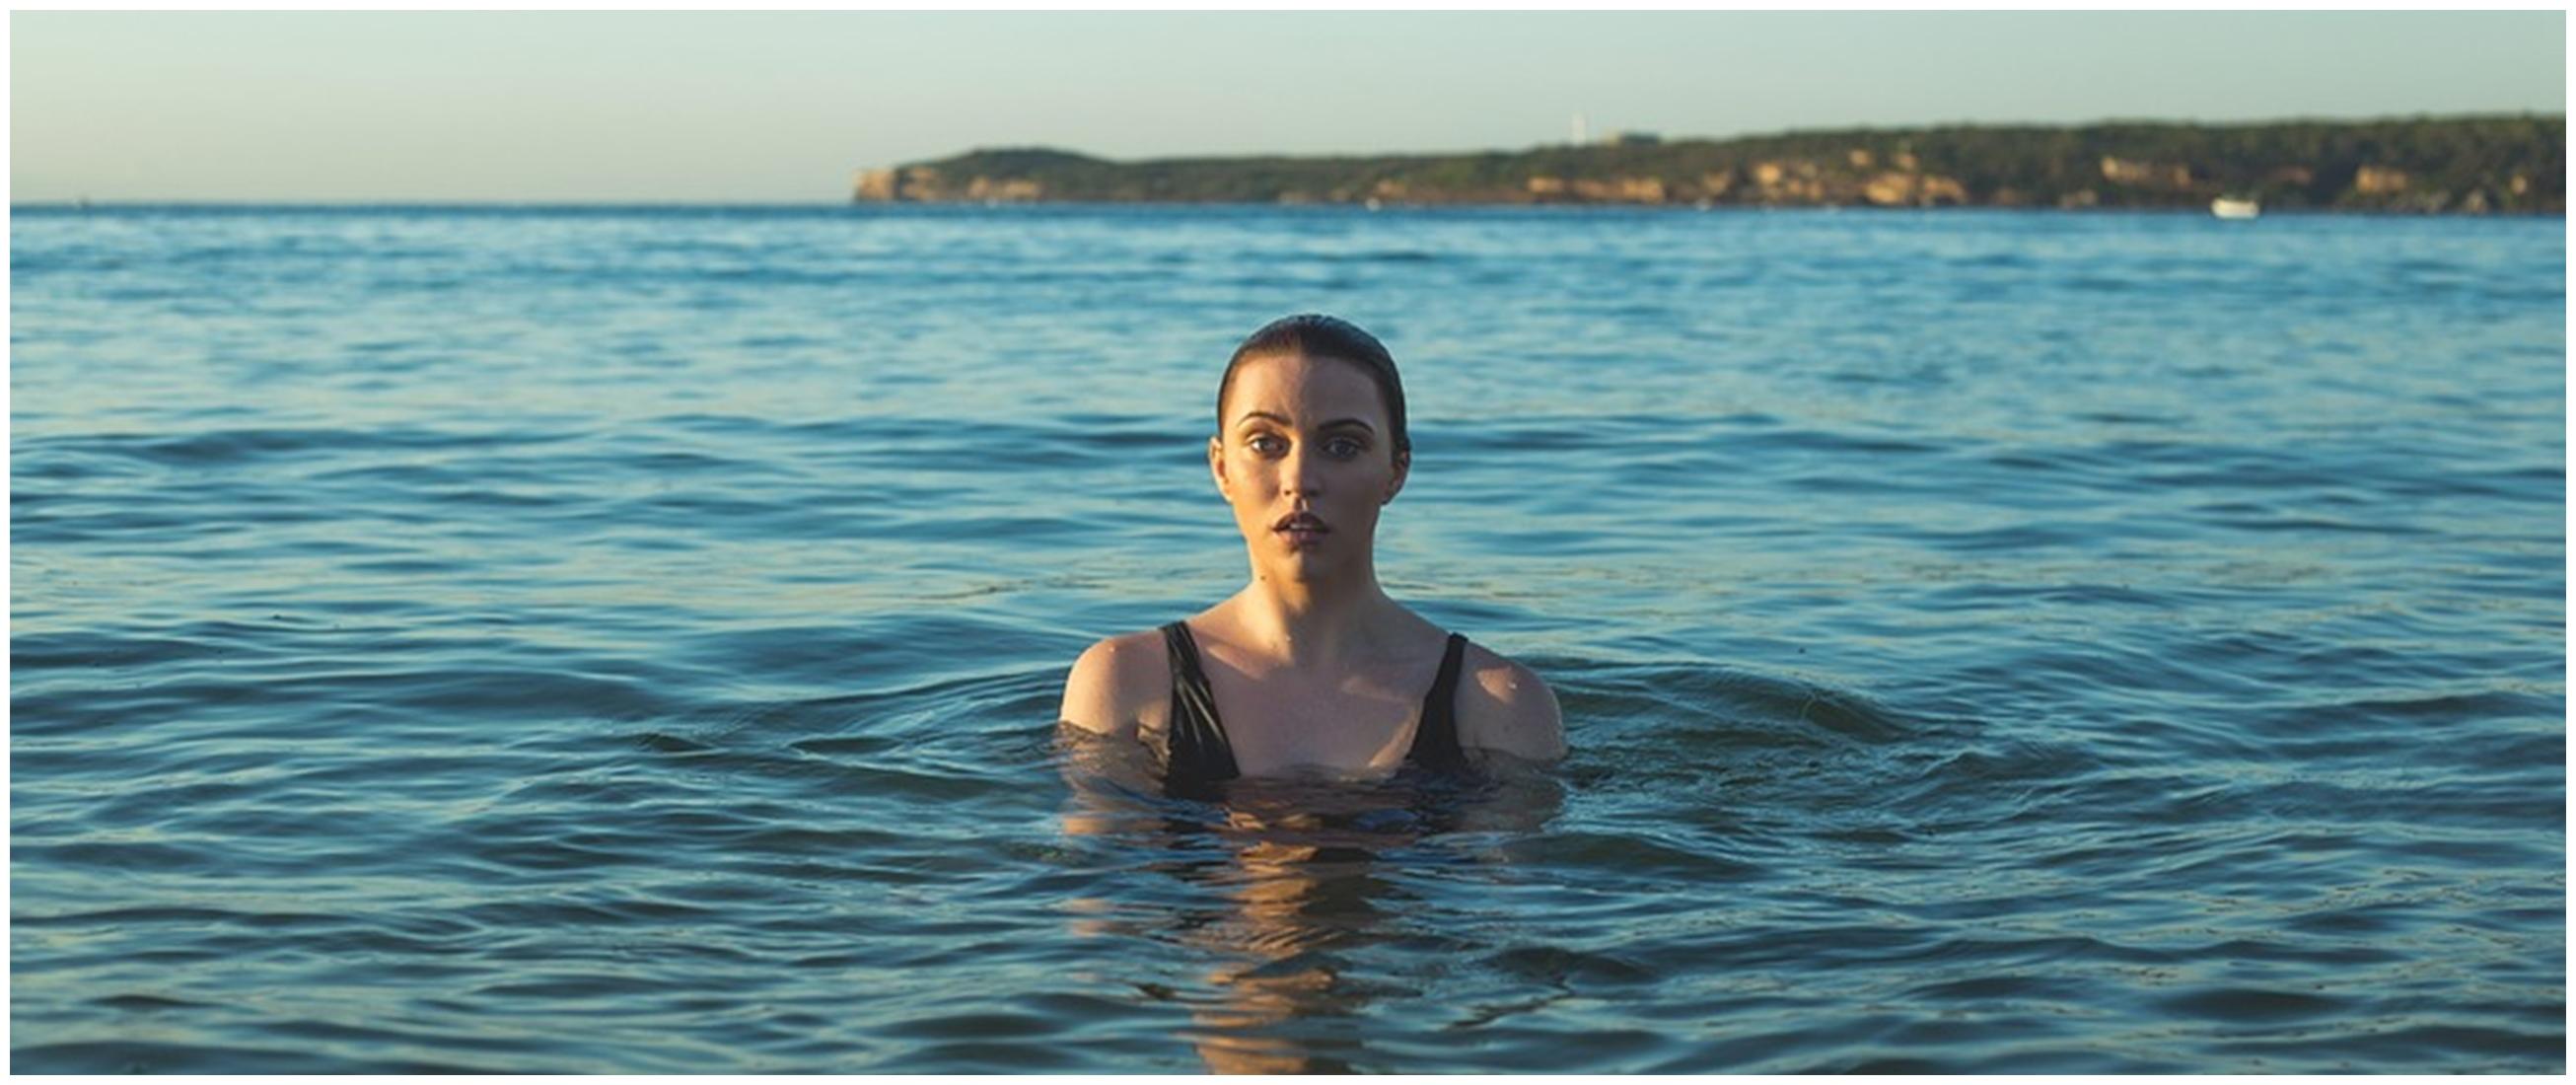 Permintaan maaf Komisioner KPAI soal berenang bareng bisa hamil